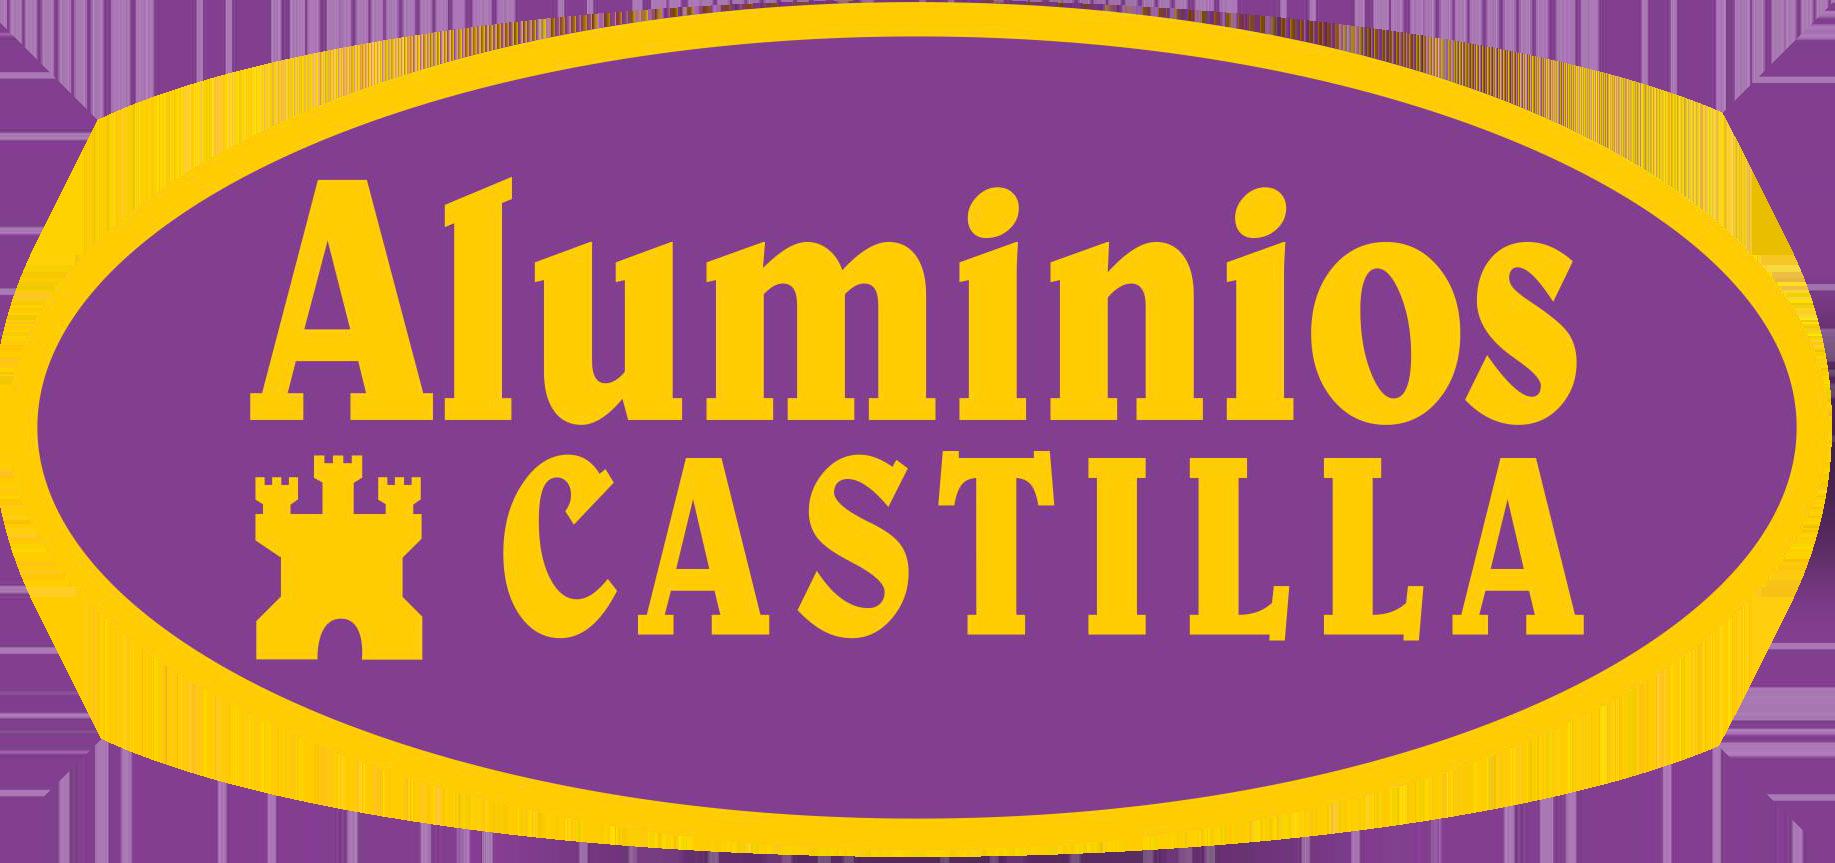 Aluminios Castilla